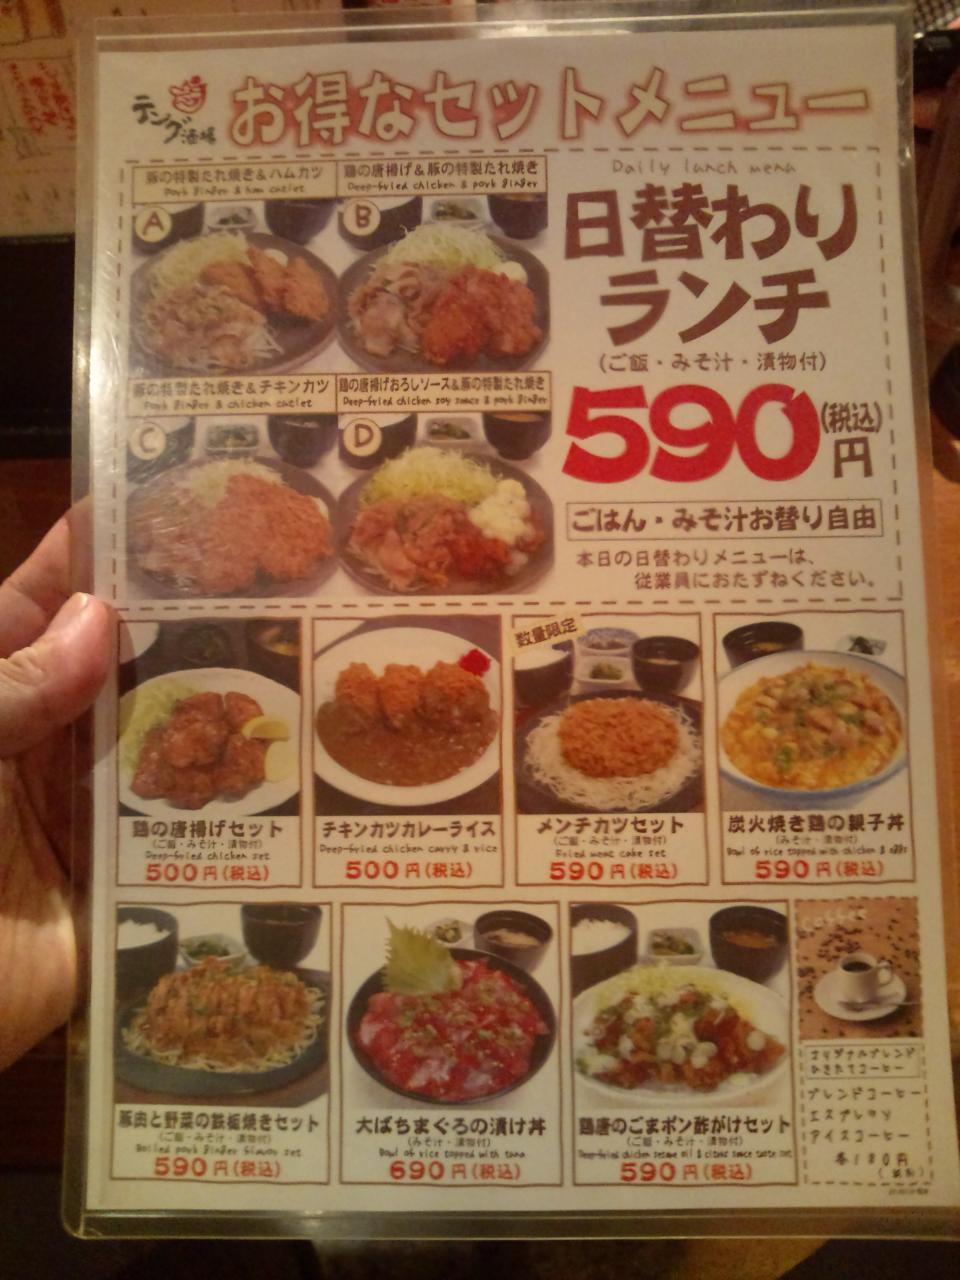 テング酒場八重洲一丁目店(メニュー)